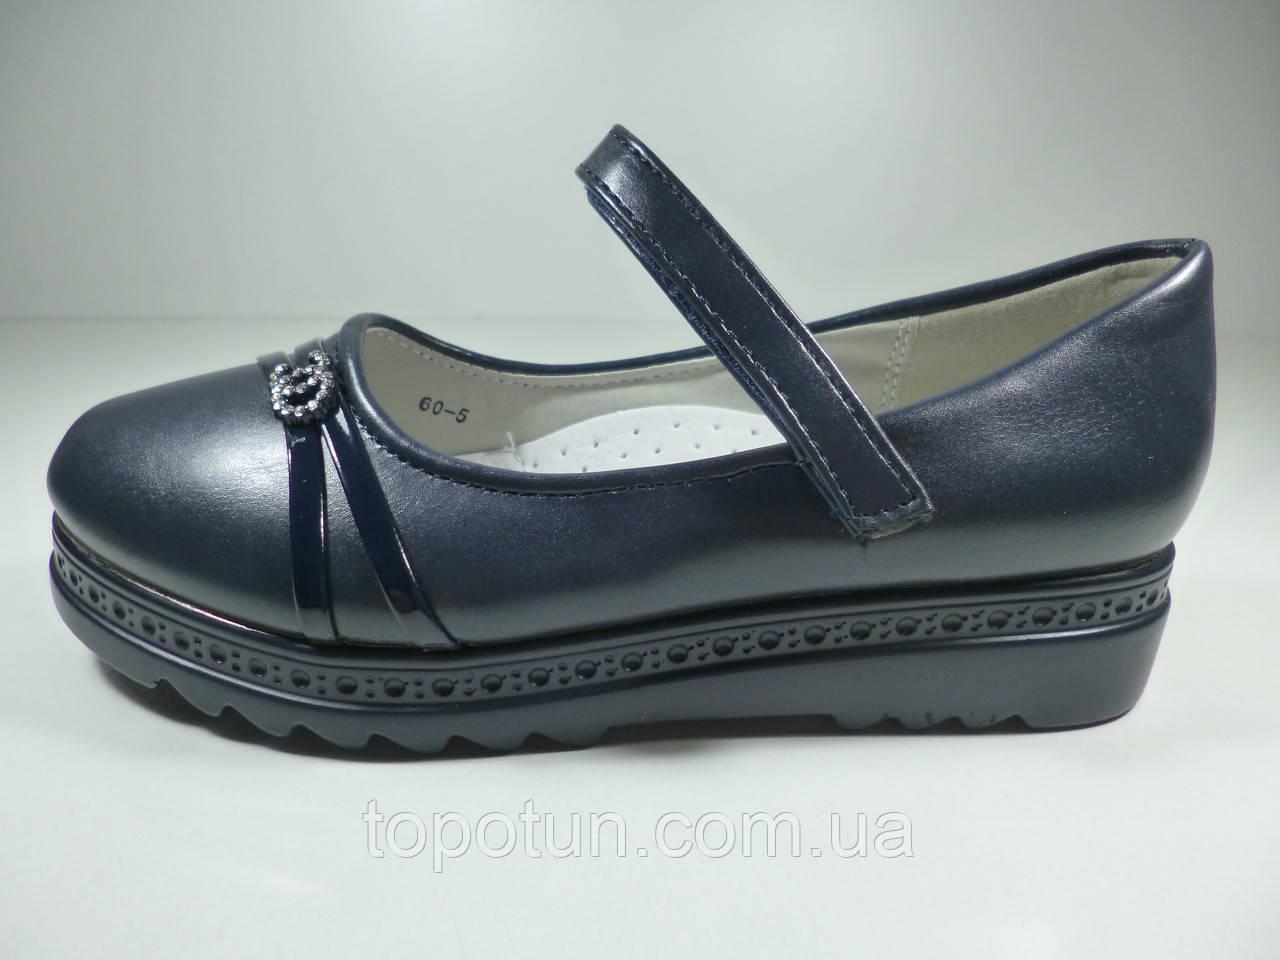 """Школьные туфли для девочки """"Yalike"""" Размер: 34,35"""